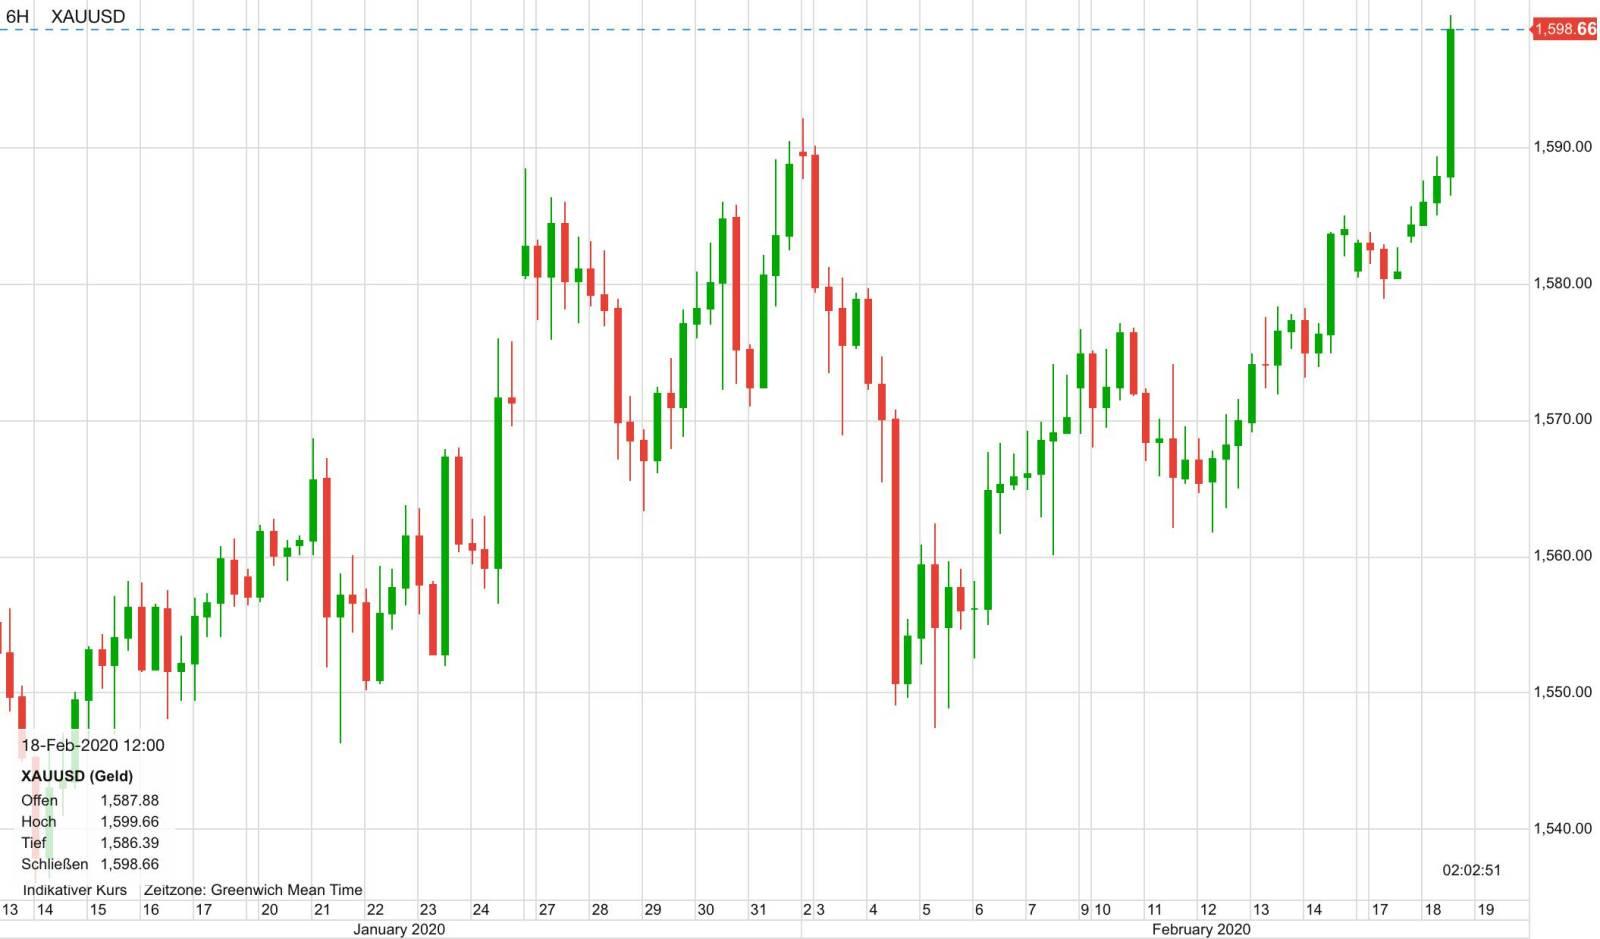 Goldpreis Verlauf in US-Dollar seit Mitte Januar